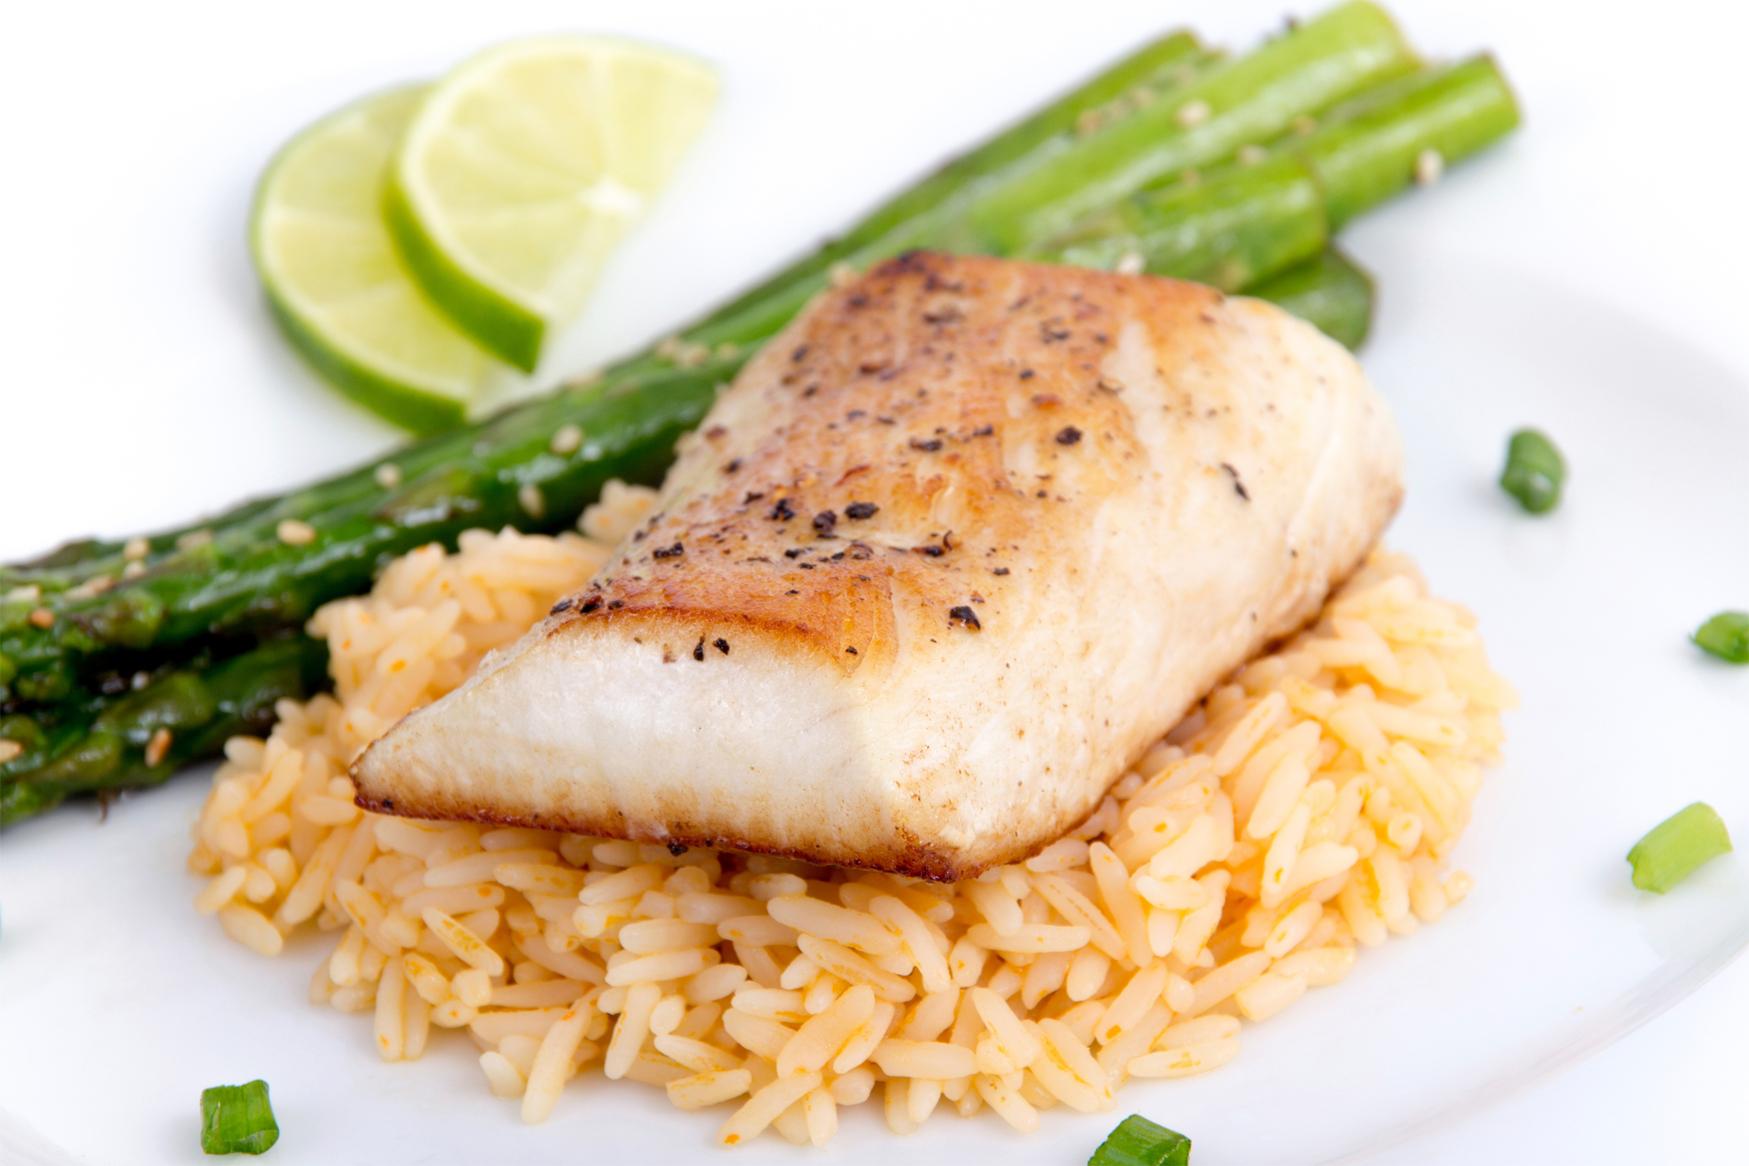 Pan-seared-Mahi-Mahi-fish